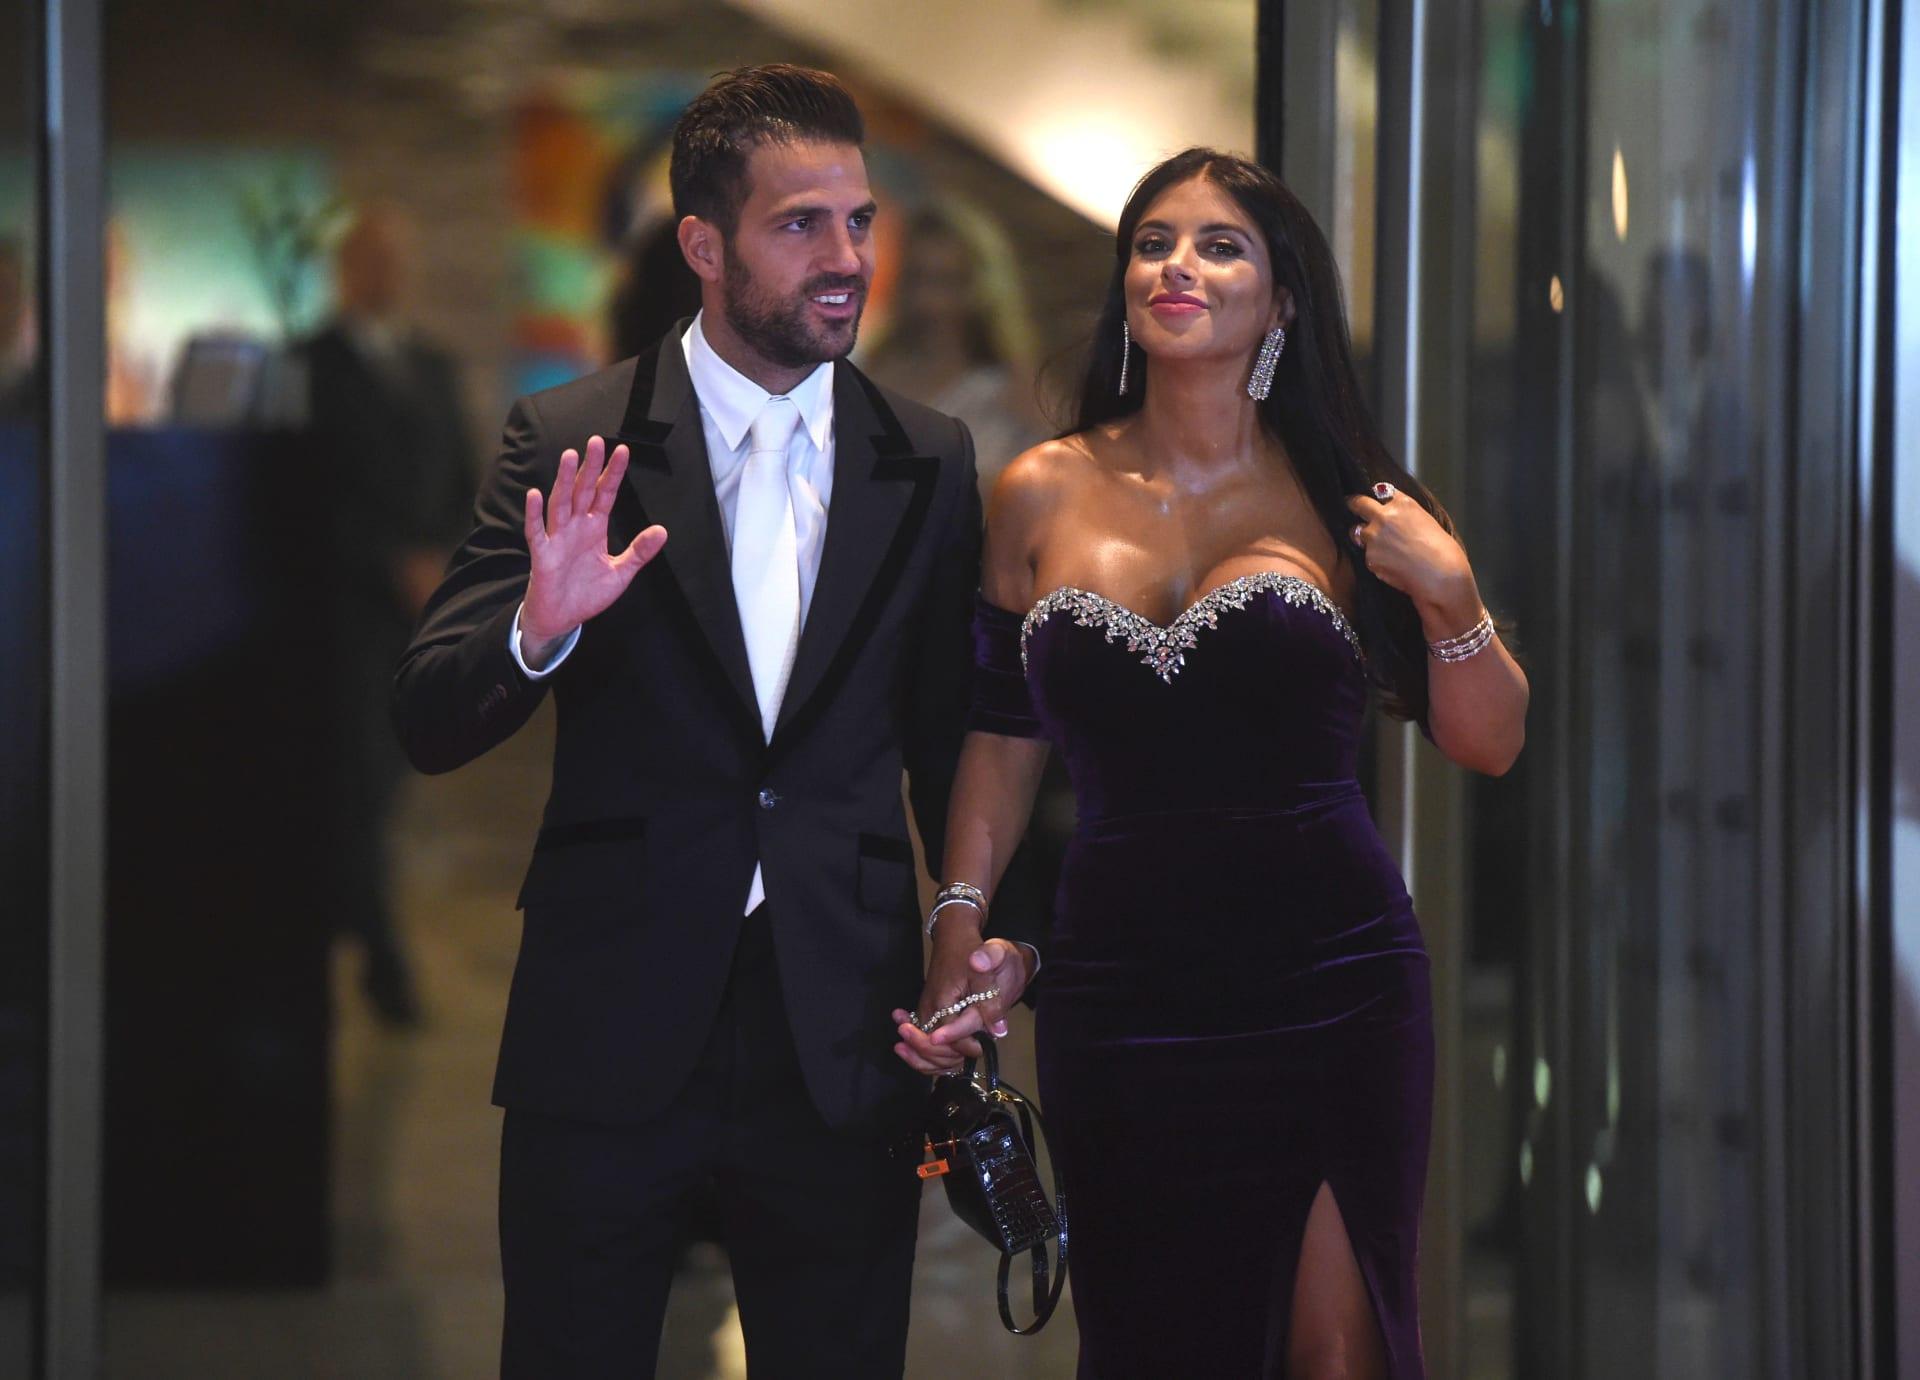 """فابريغاس ينشر صورة مع قصي خولي: أتمنى أن ينتهي """"5 ونص"""" لأستعيد اهتمام زوجتي"""